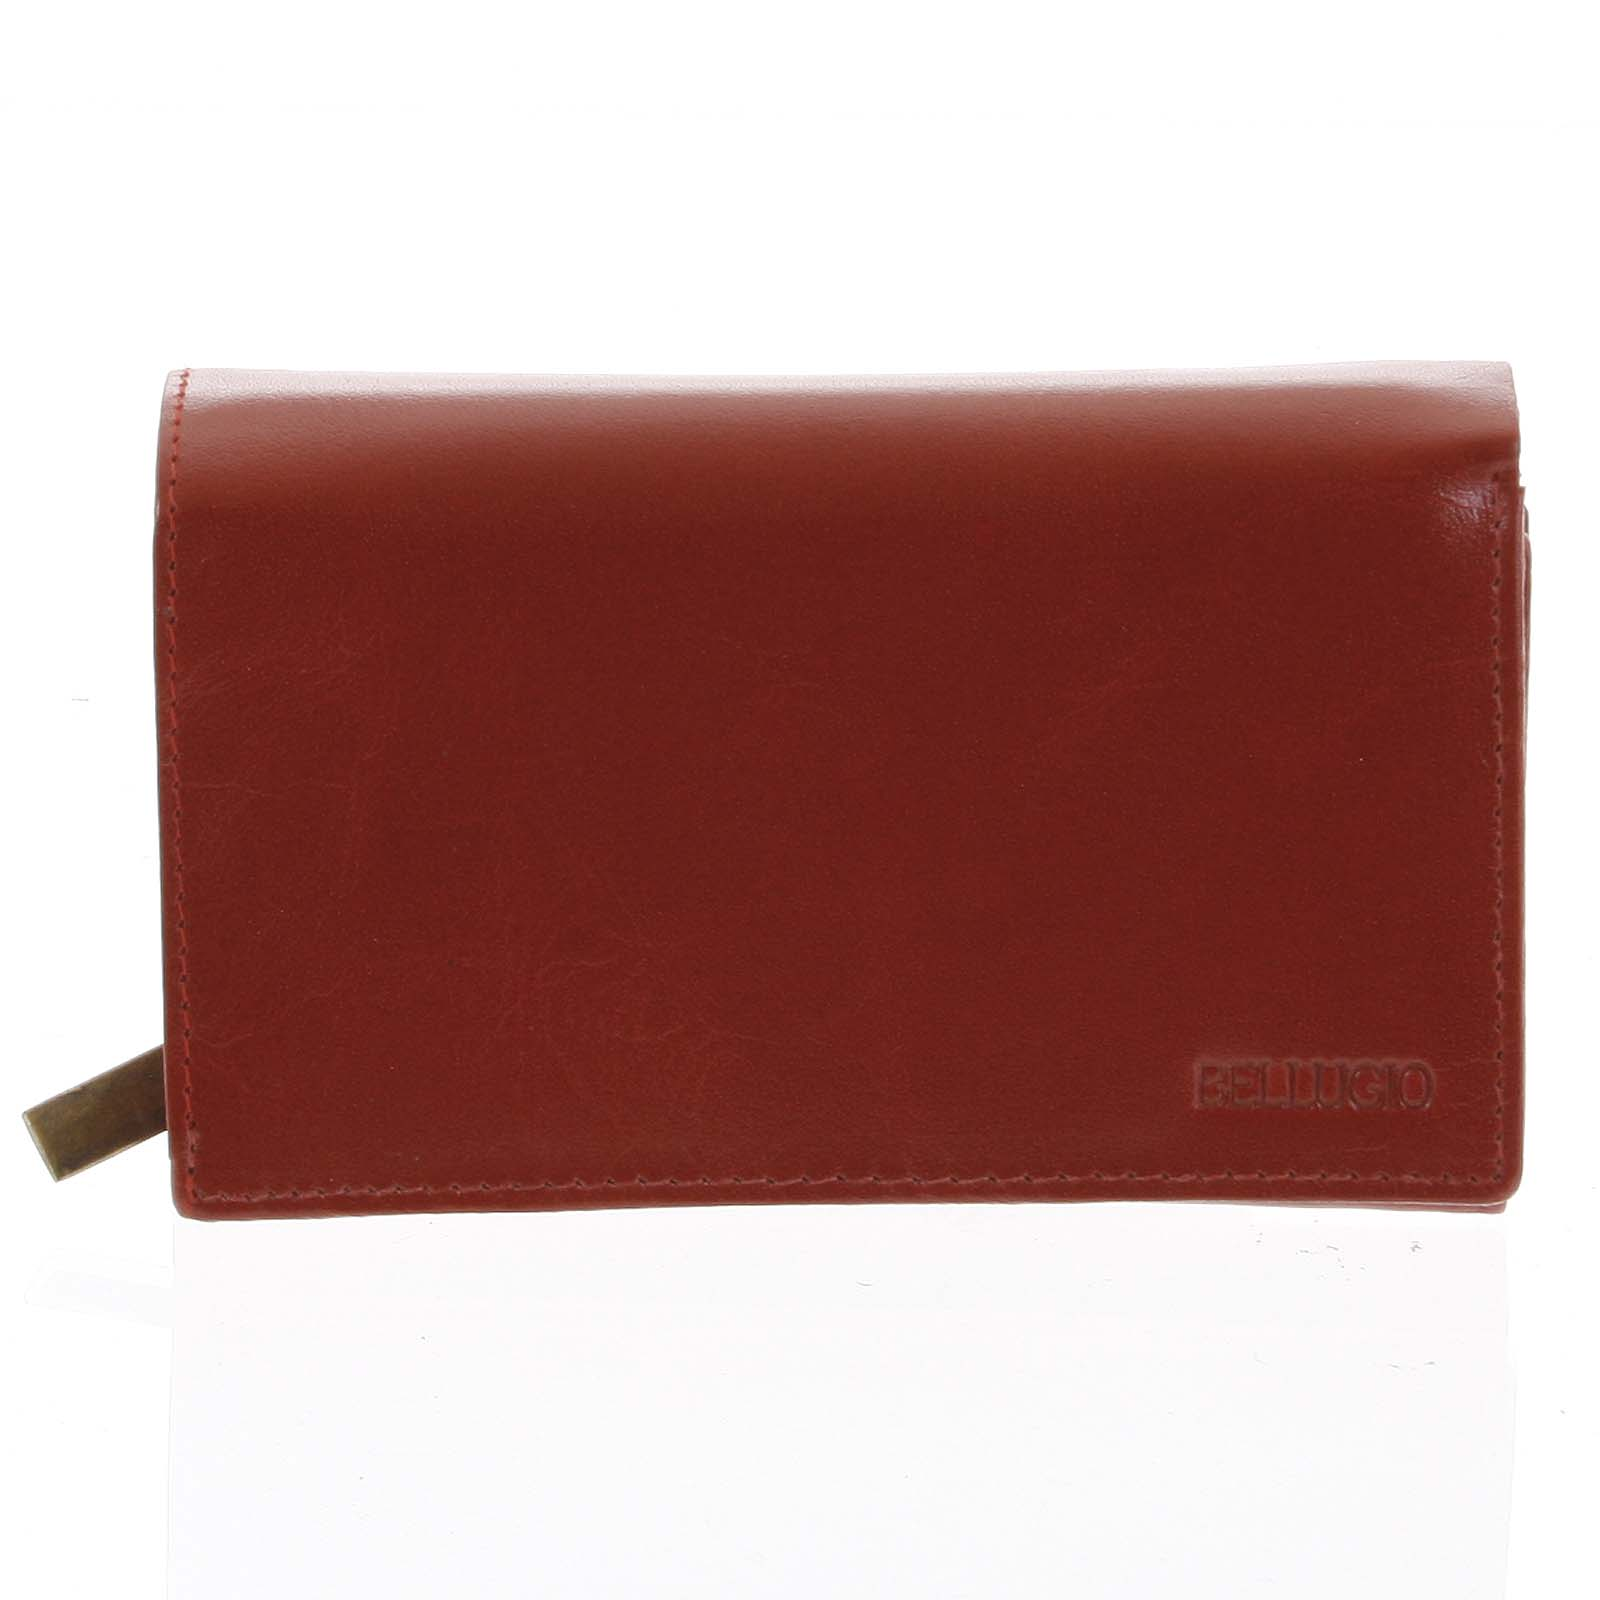 Dámská kožená peněženka červená - Bellugio Abada